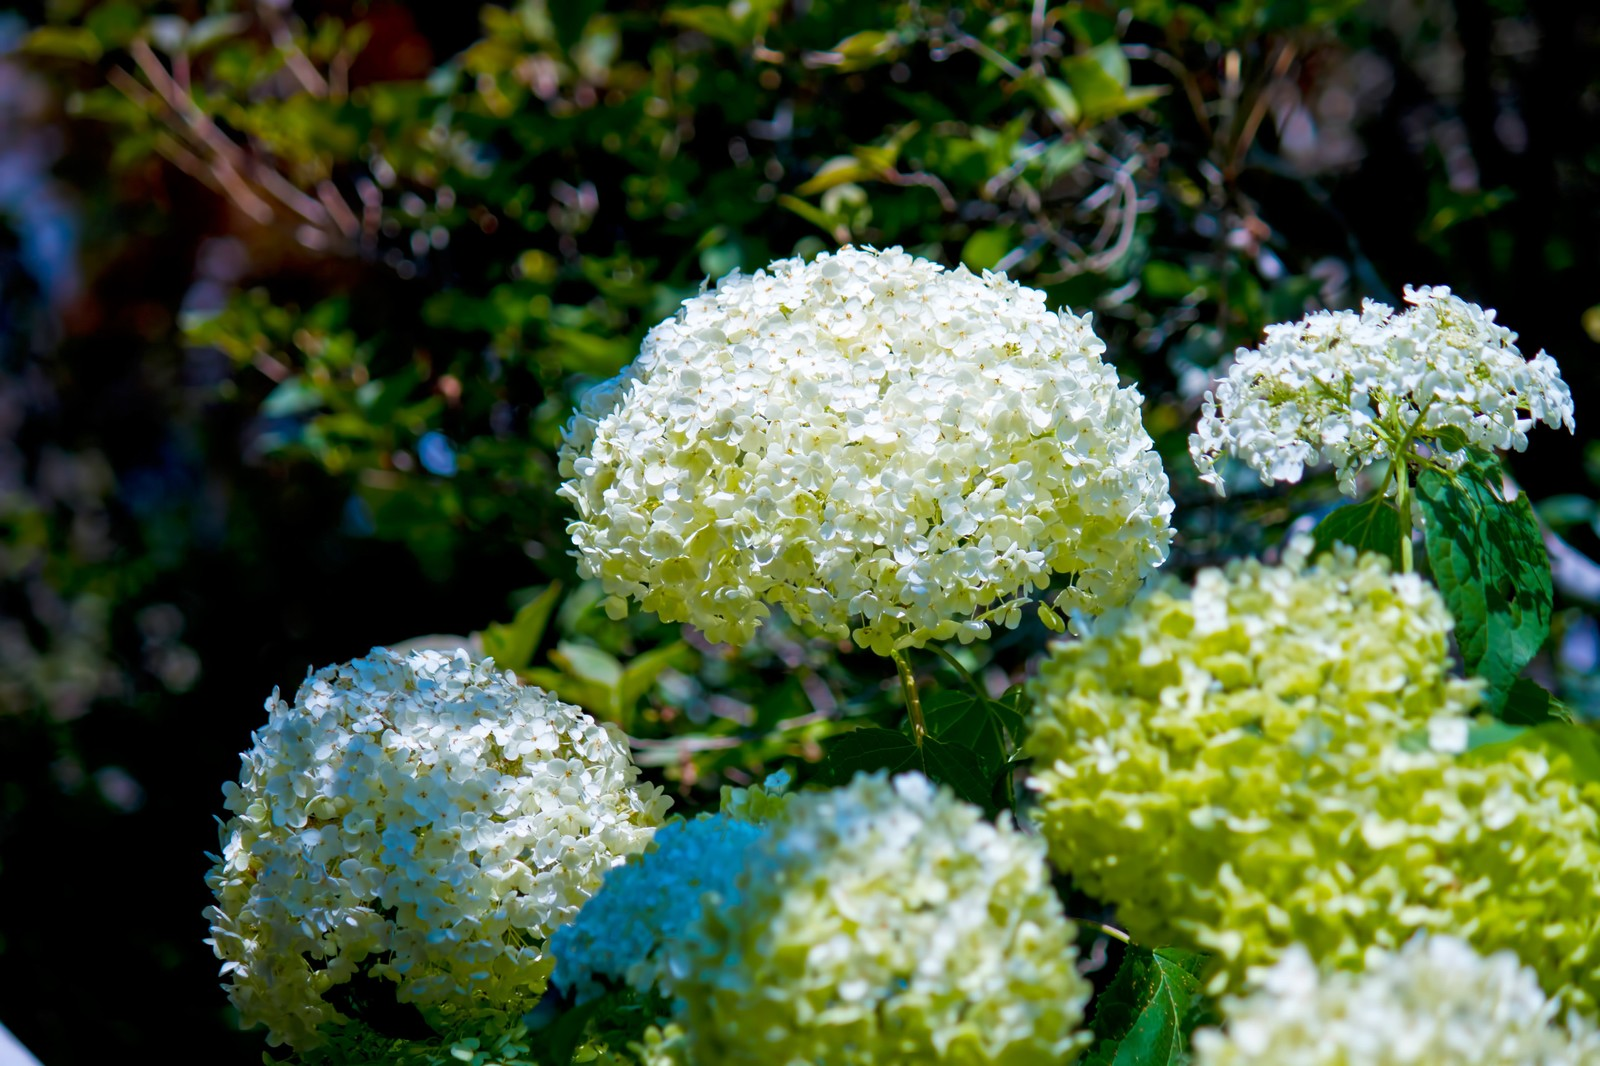 「白く咲く紫陽花白く咲く紫陽花」のフリー写真素材を拡大